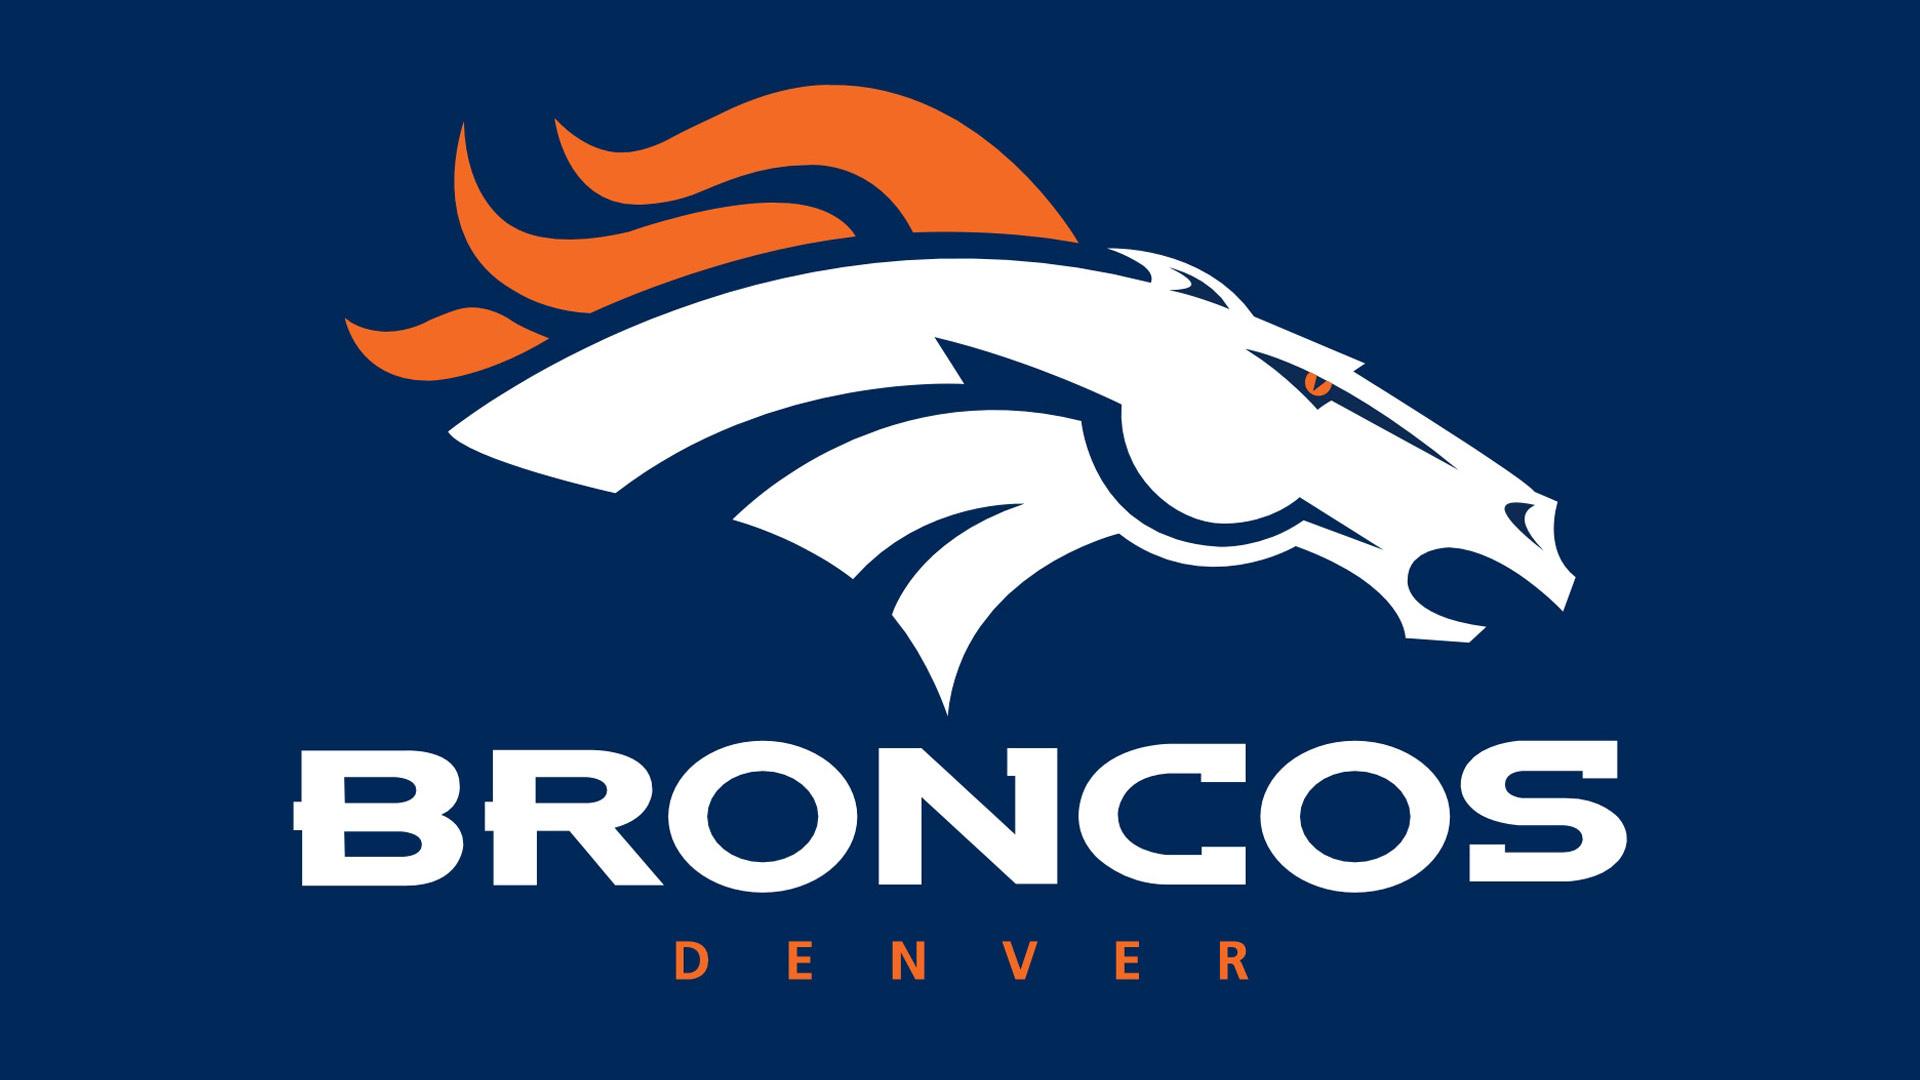 Denver Broncos Hd Background - Denver Broncos, Transparent background PNG HD thumbnail